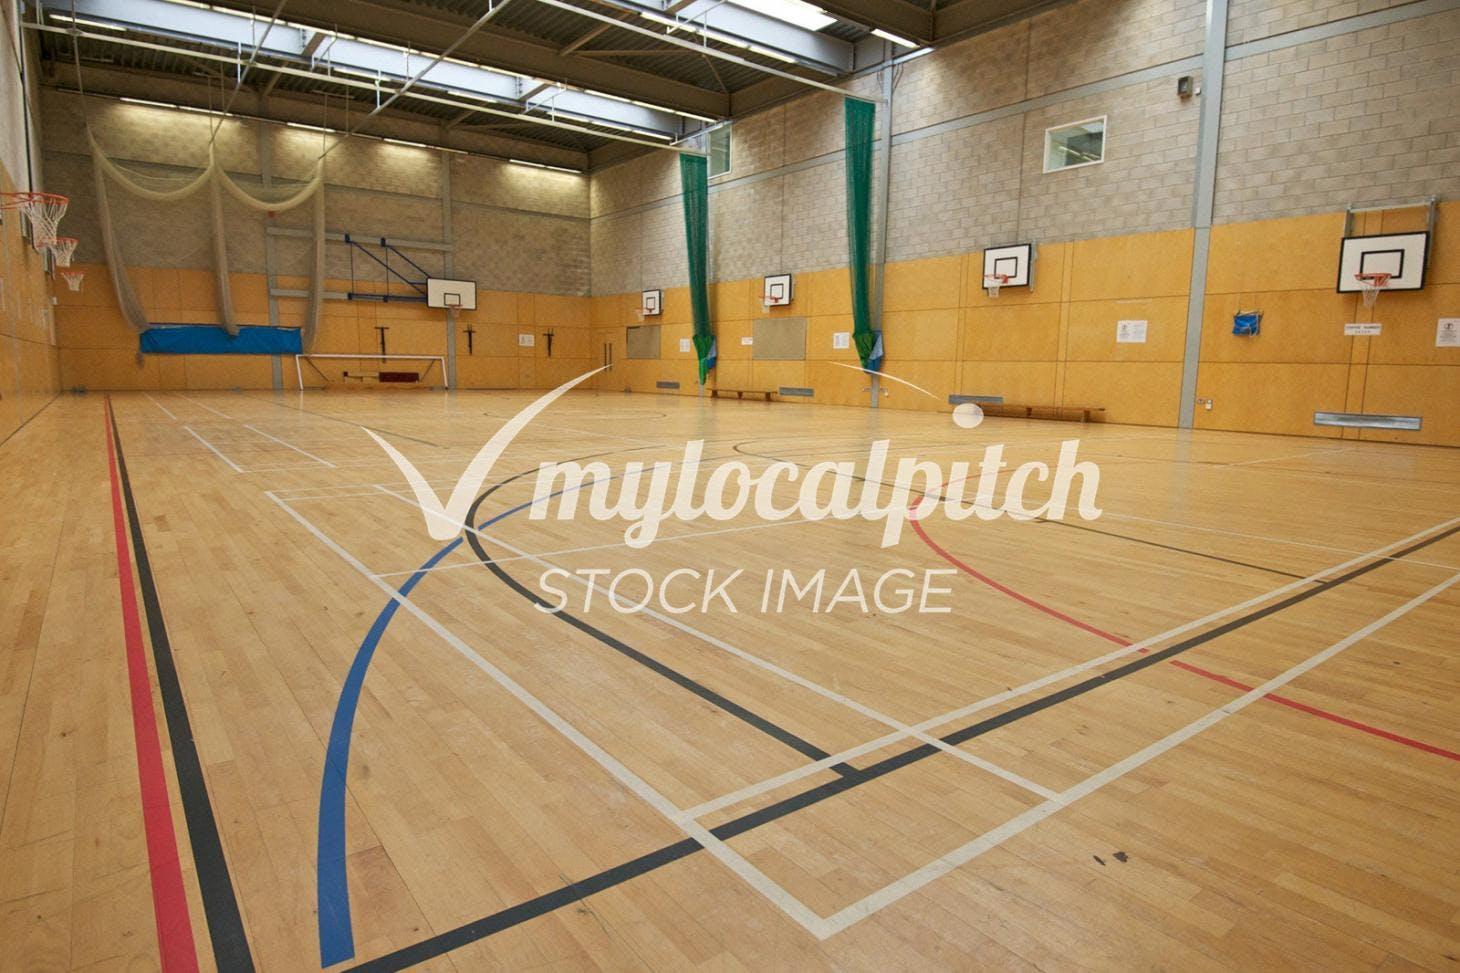 Edmonton Leisure Centre Indoor basketball court